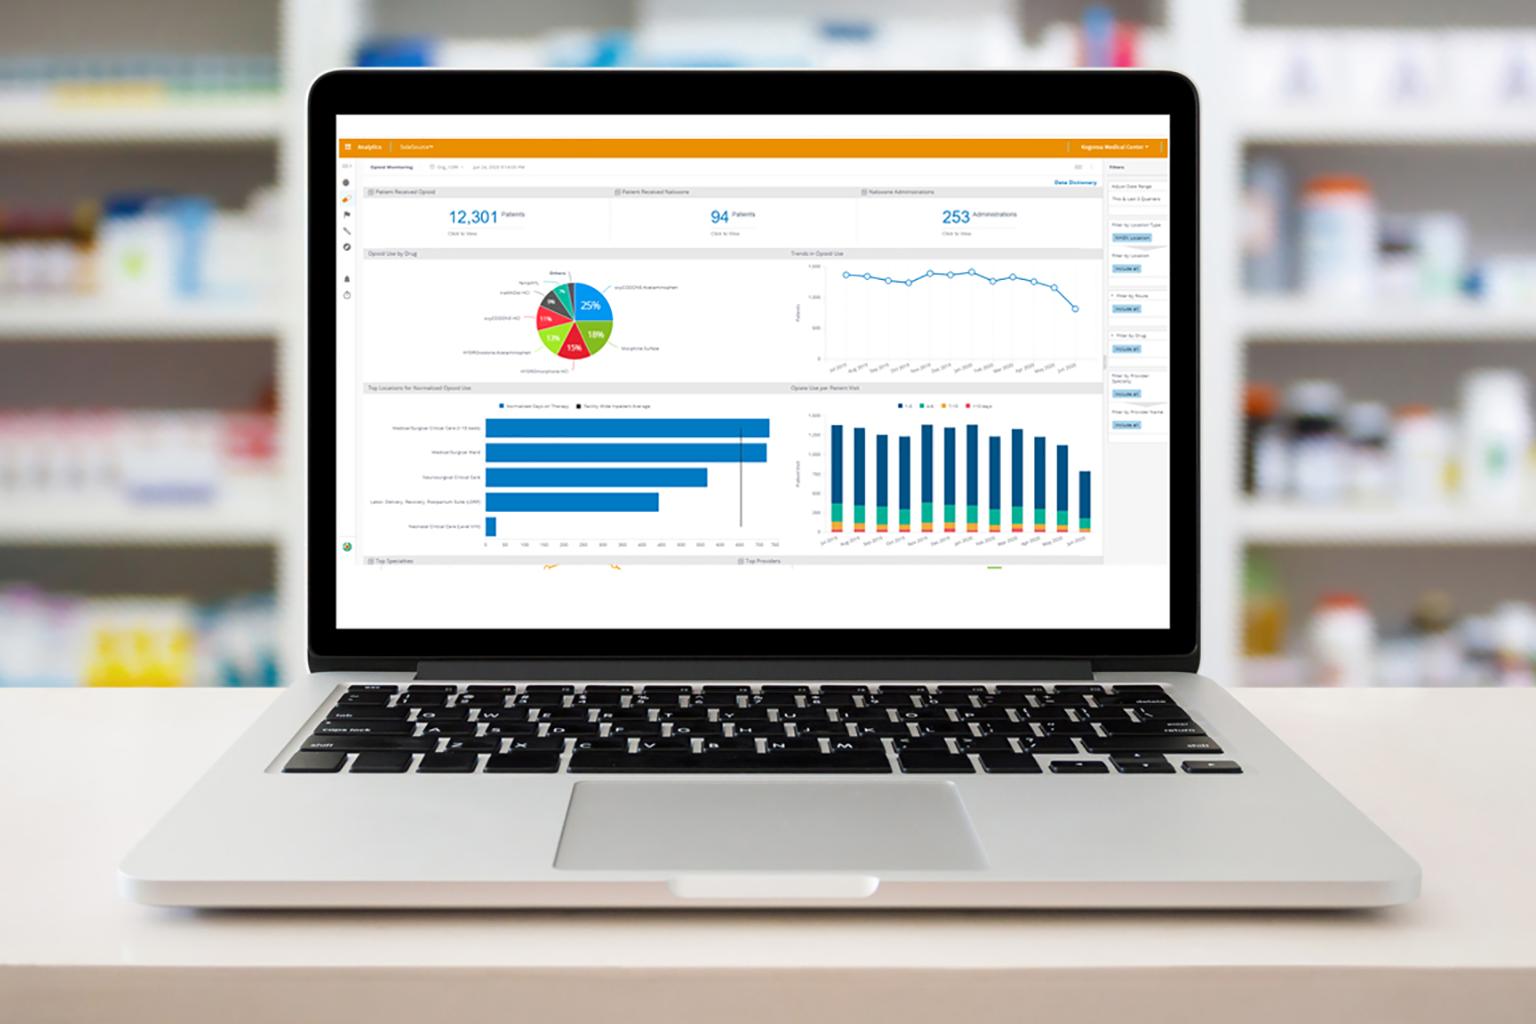 Sentri7-opioid-stewardship-analytics-on-laptop